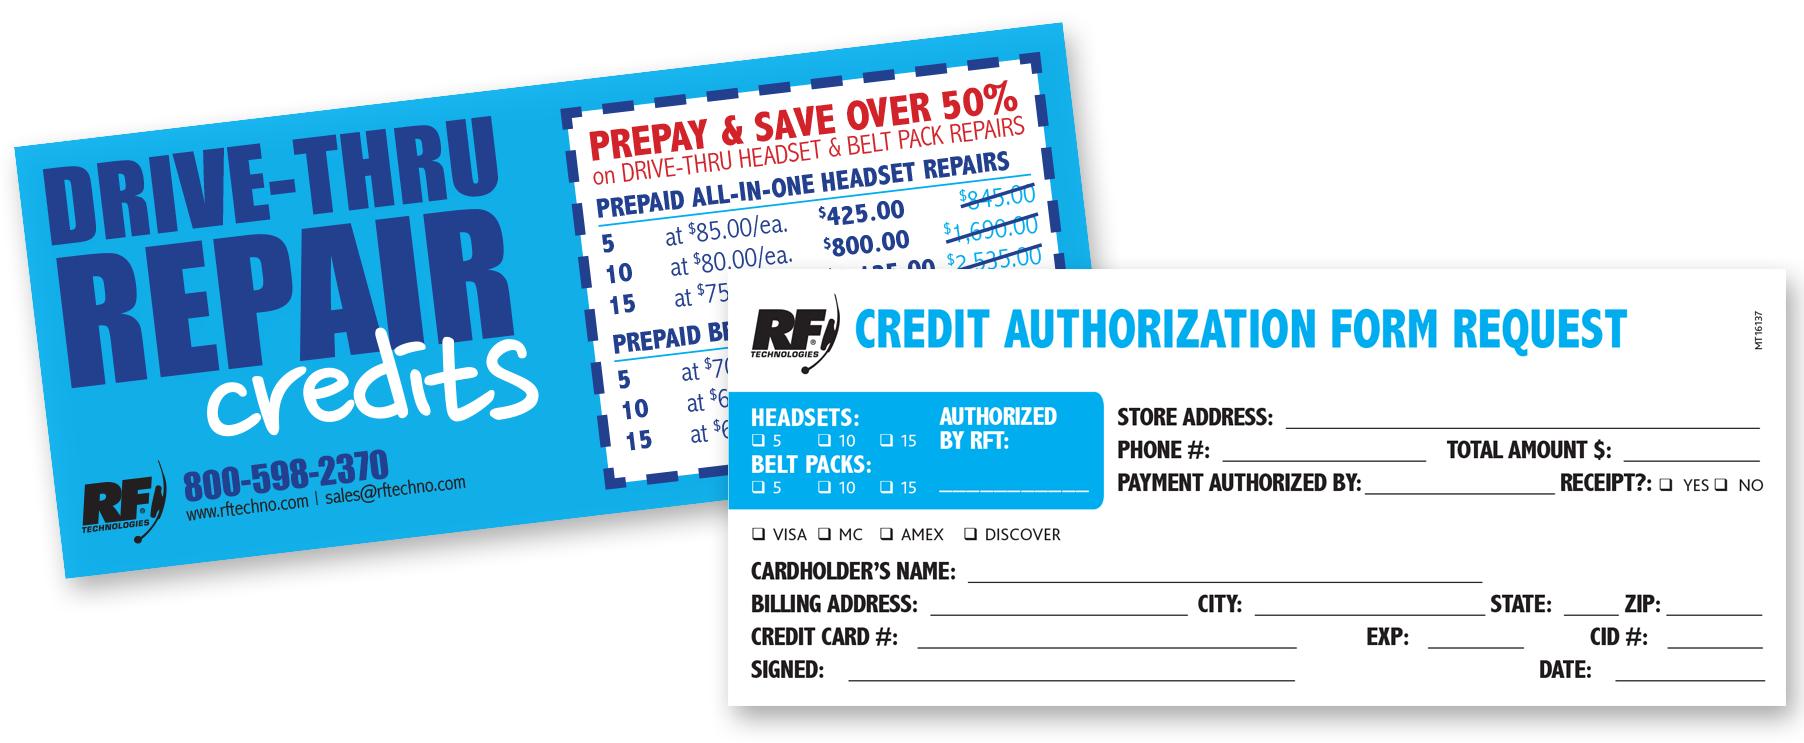 DT-Repair-Credits.png